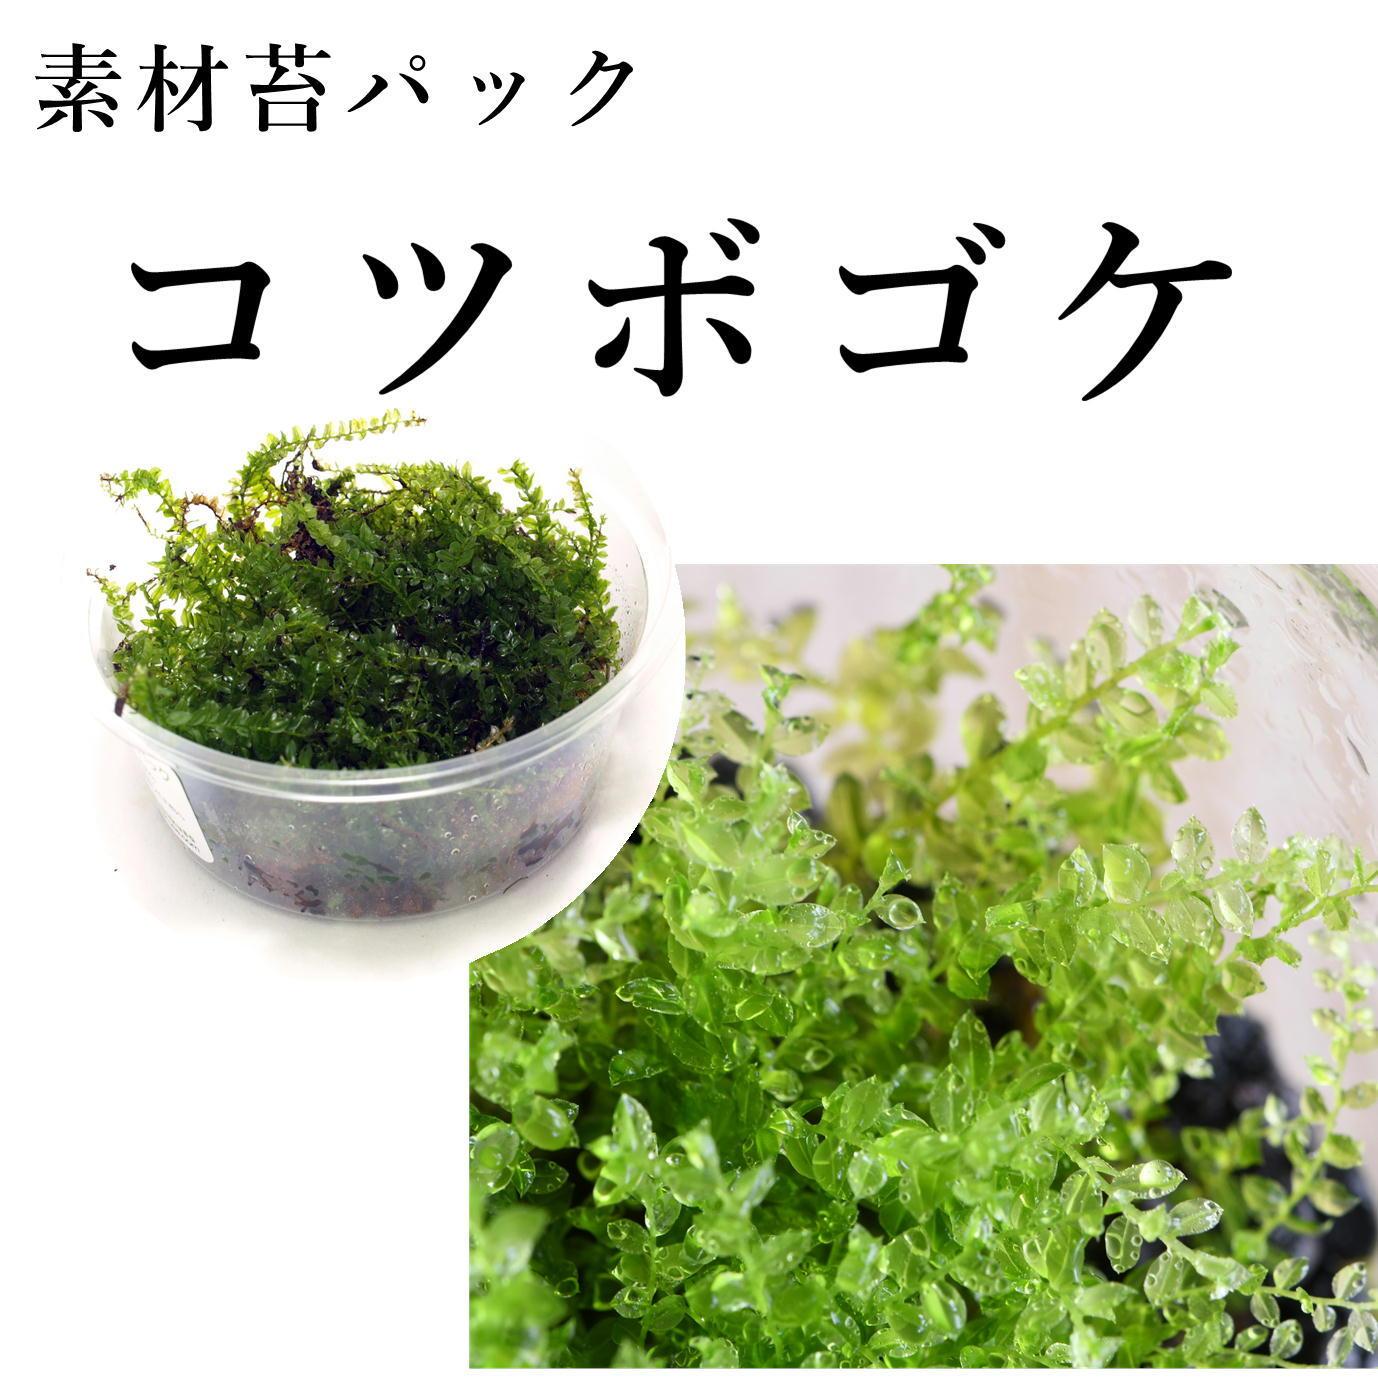 コツボゴケ 苔テラリウム作製用素材苔